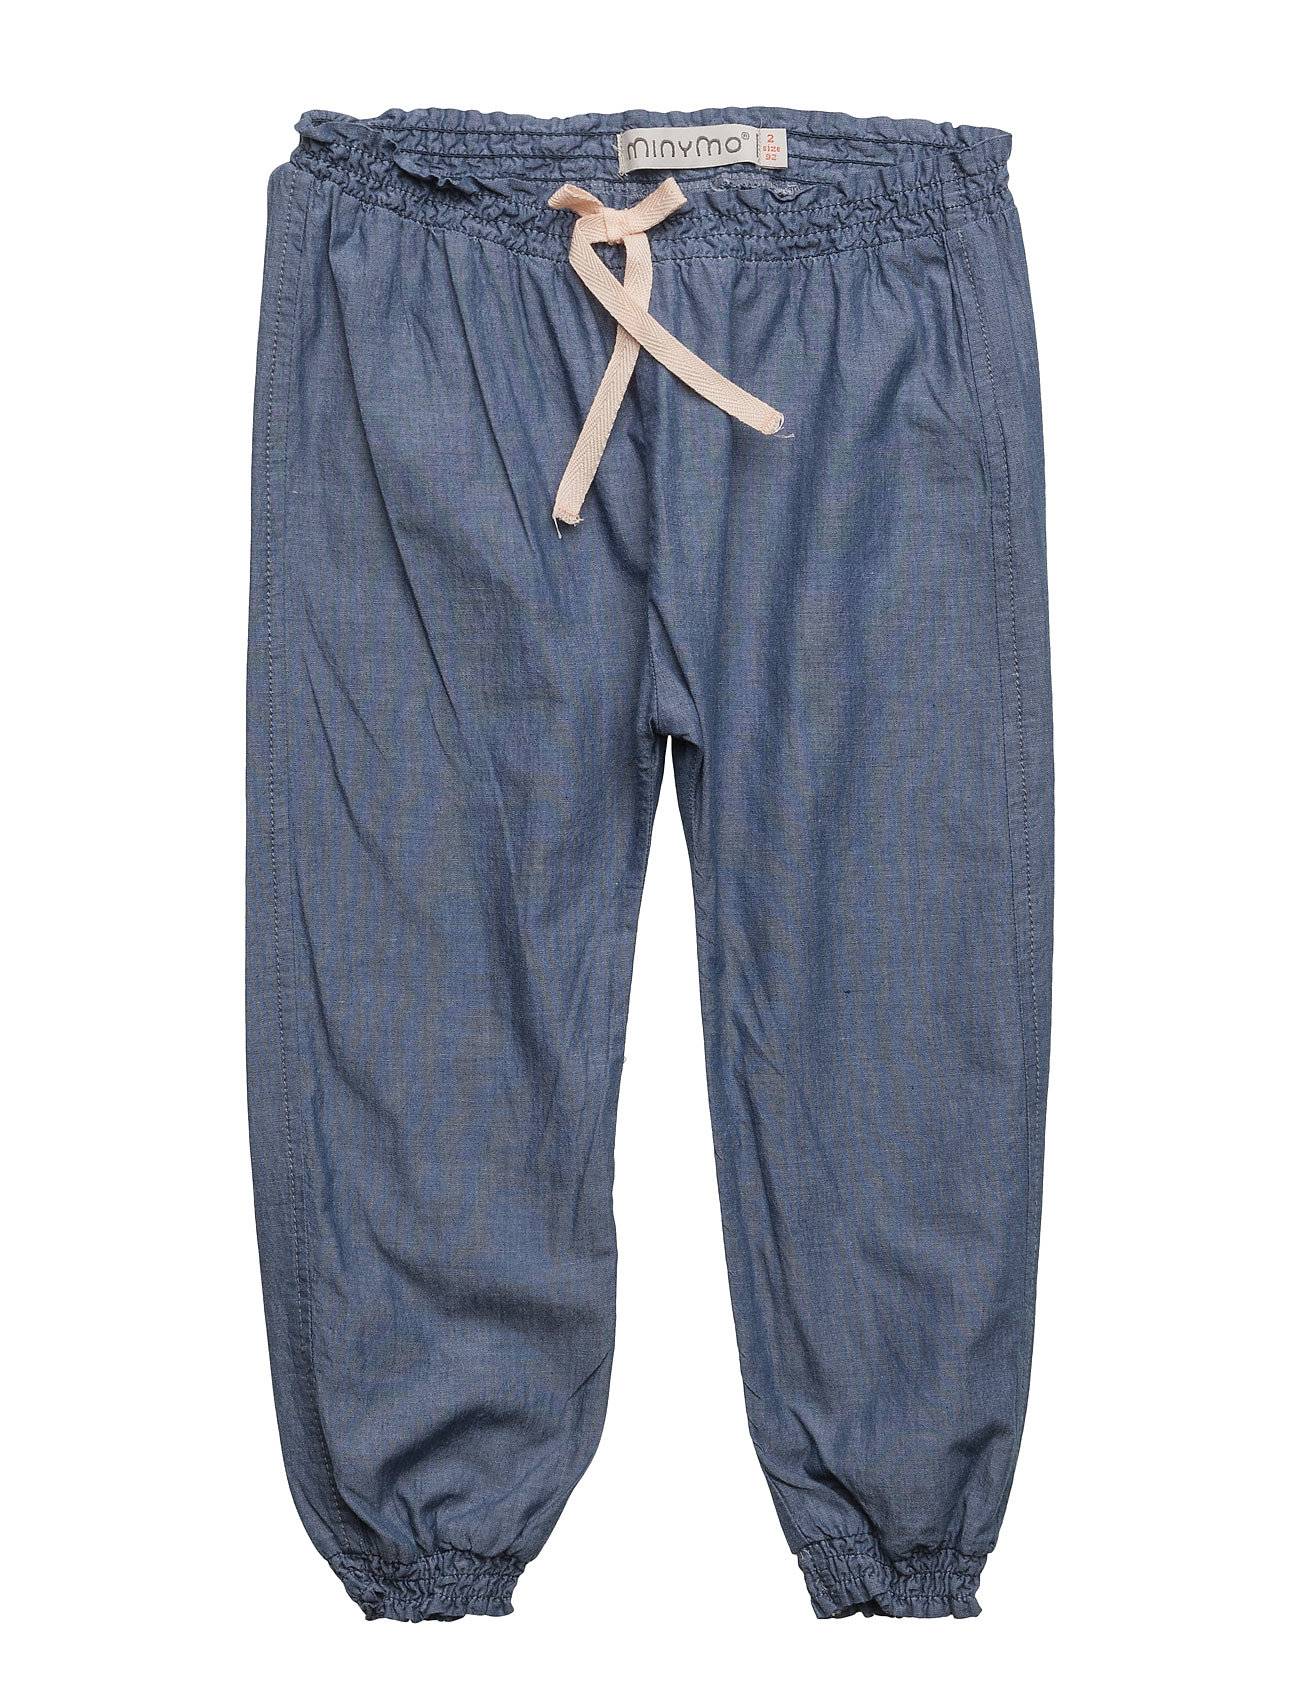 Kim 05 - Pants Minymo Bukser til Drenge i